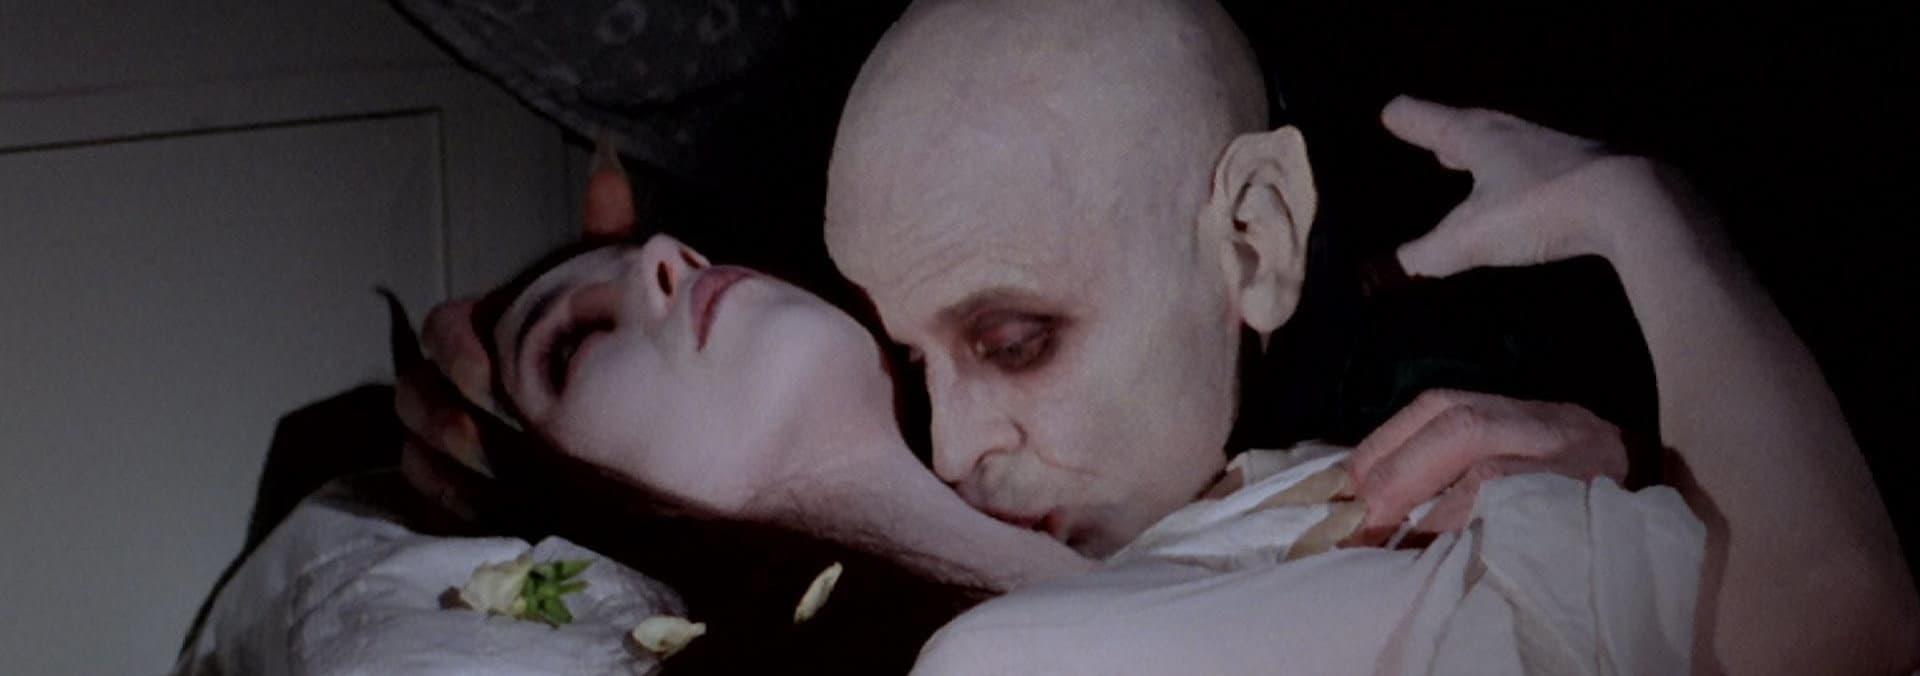 nosferatu the vampyre 1979 full movie in hindi